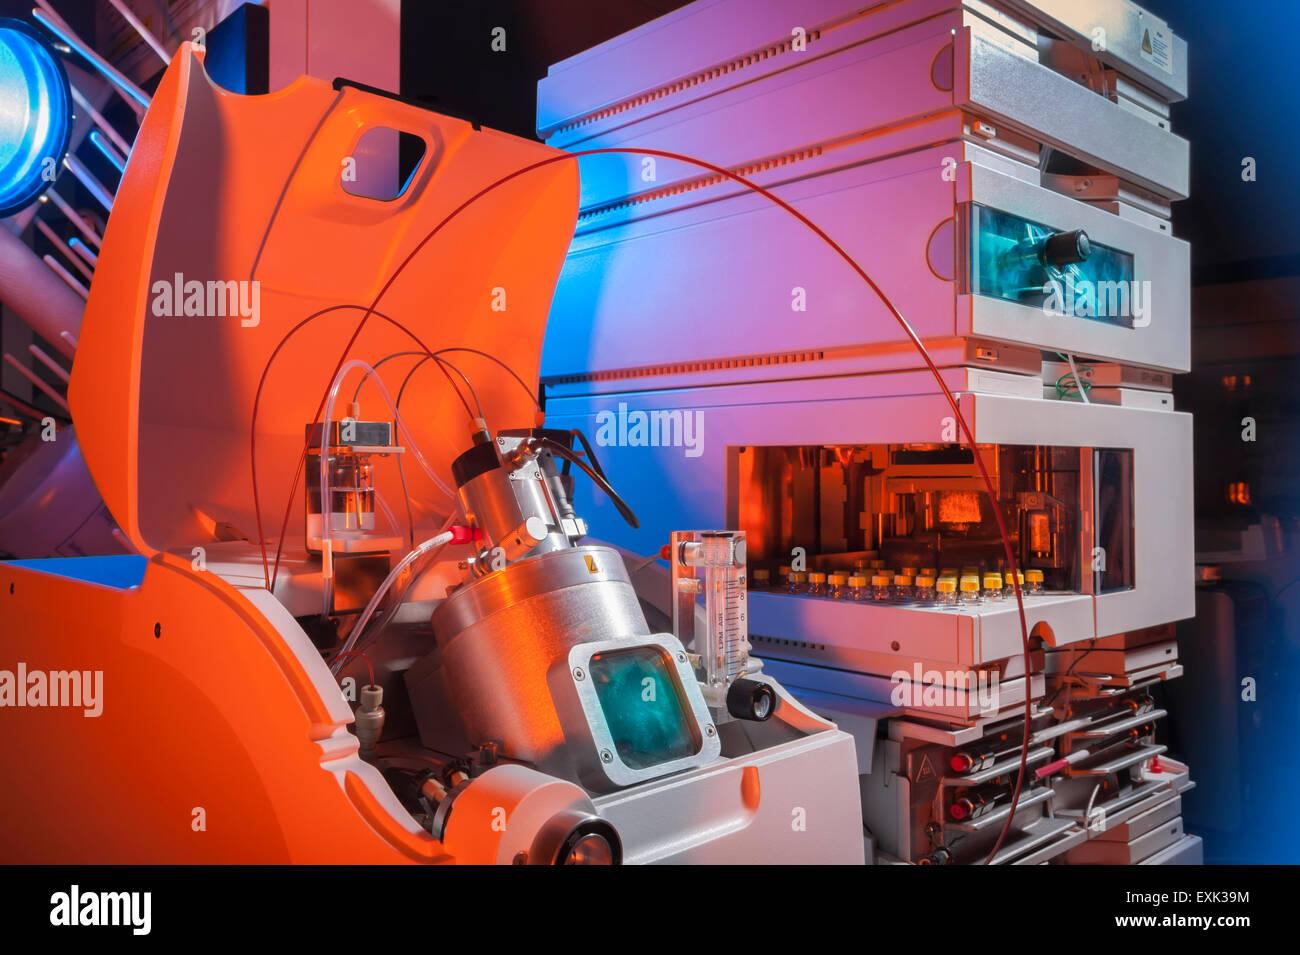 Laboratorio de Biotecnología hardware equipo utilizado para analizar las distintas muestras médicas Imagen De Stock